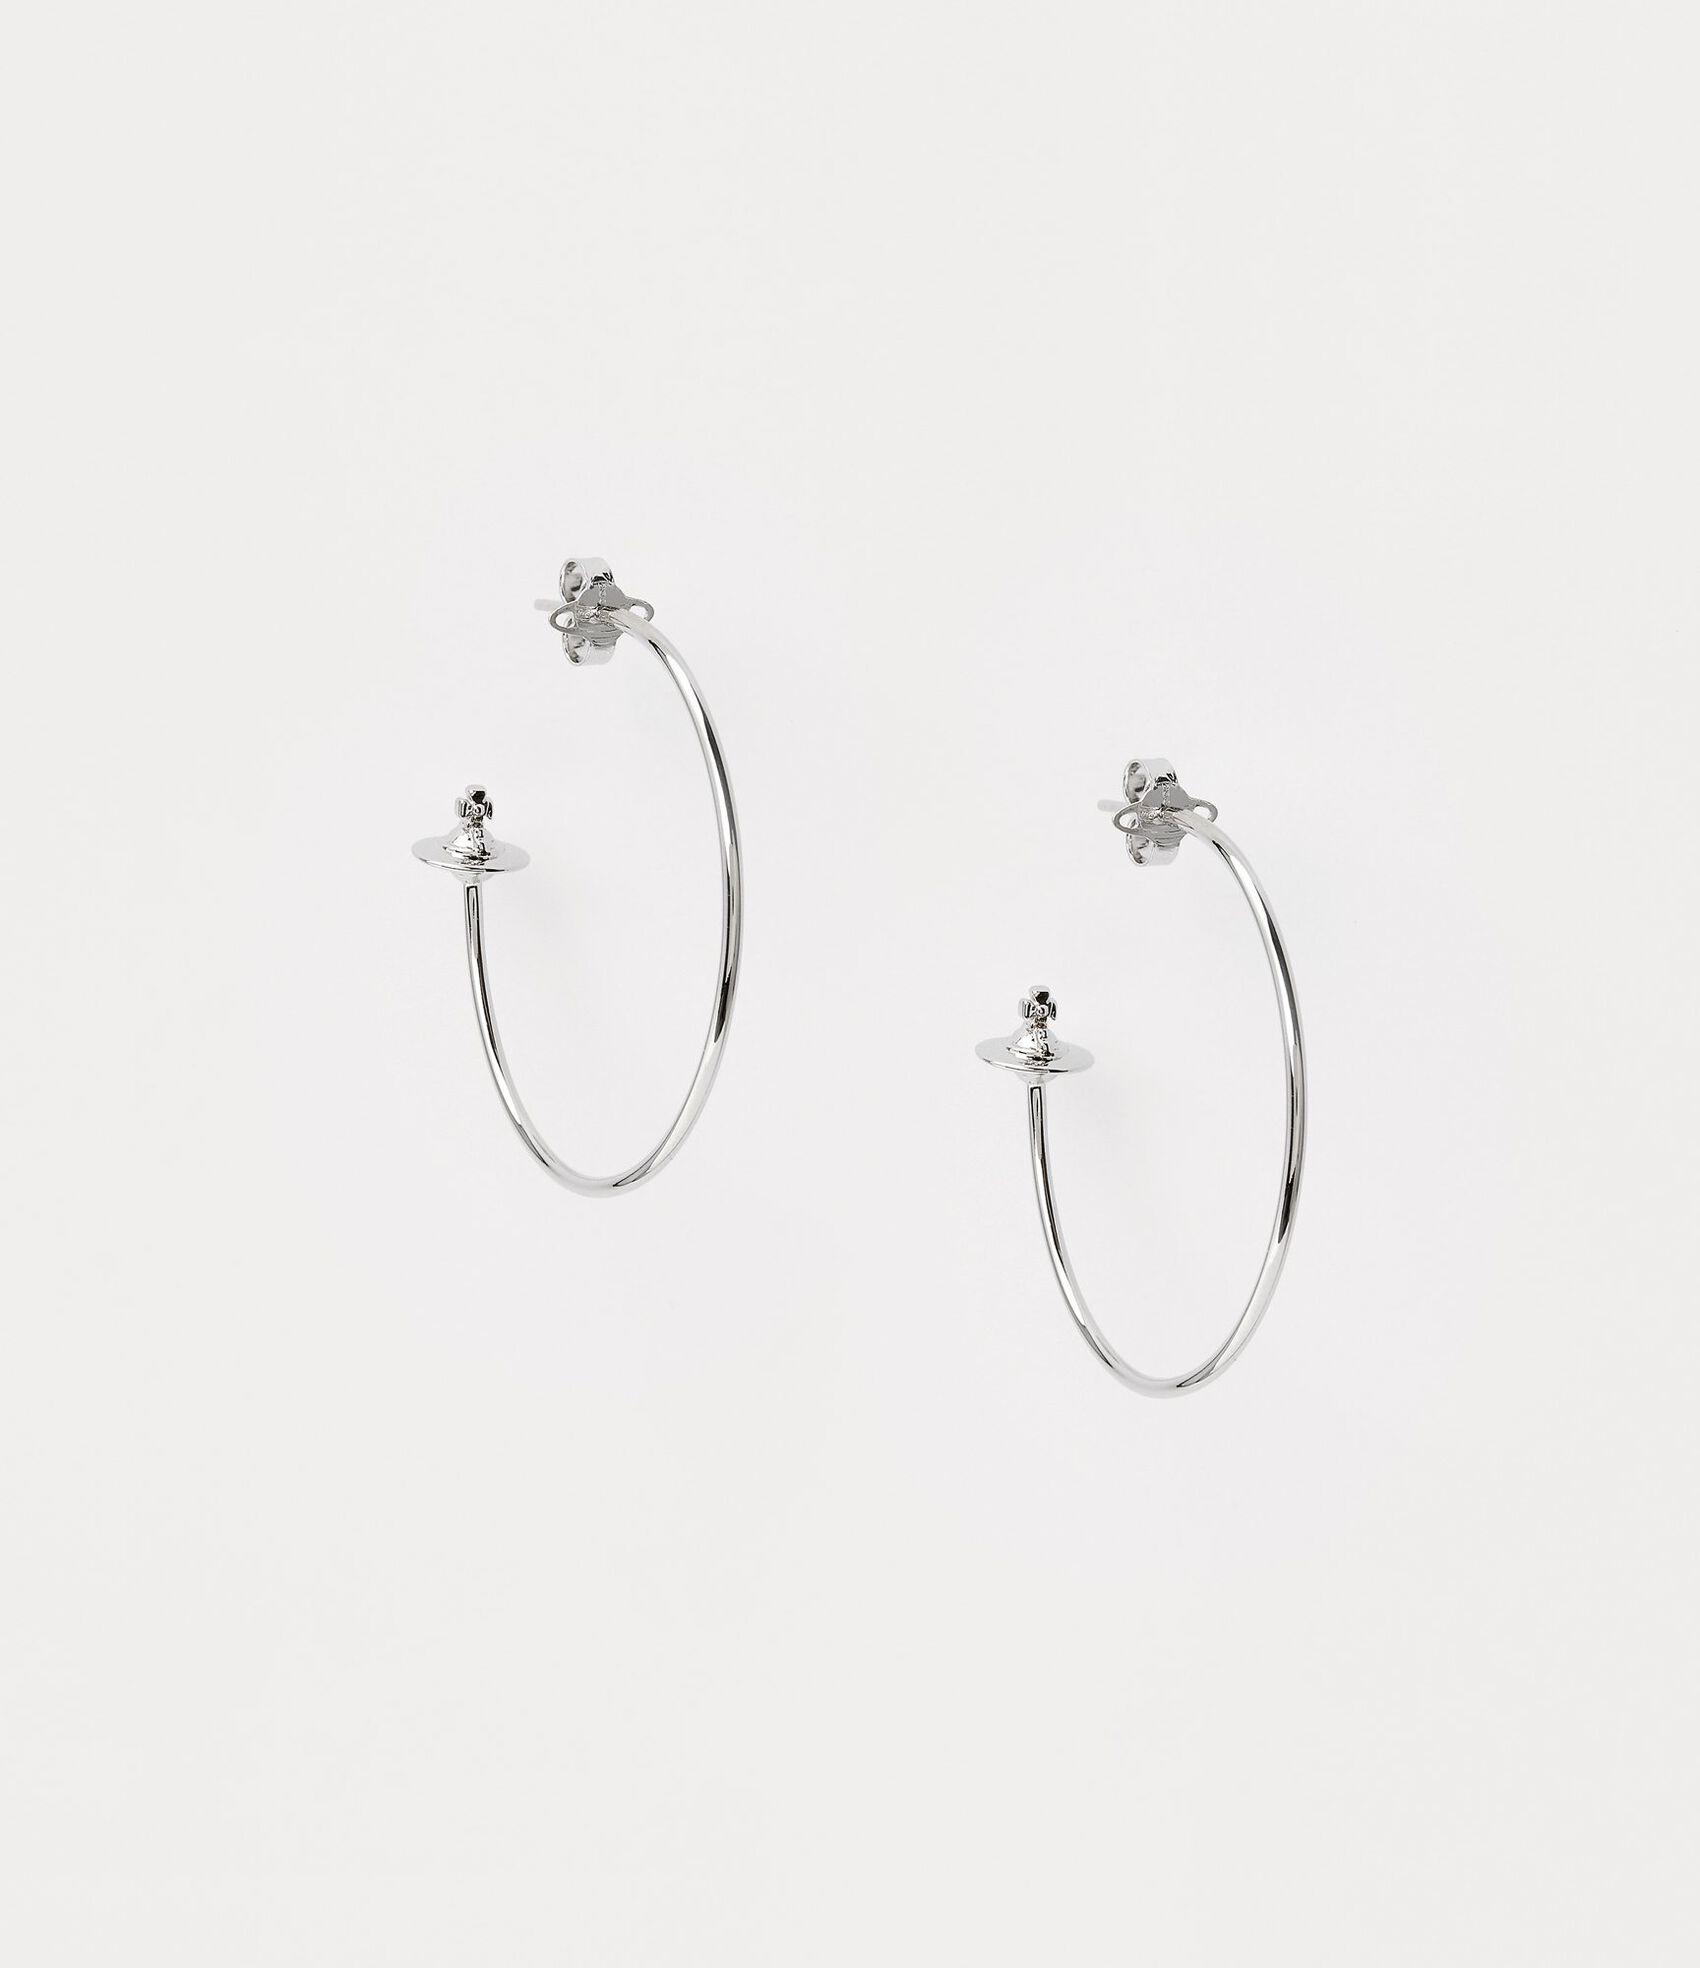 11ded5f2bb830 Vivienne Westwood Earrings | Women's Jewellery | Vivienne Westwood -  Rosemary Earrings Silver Tone